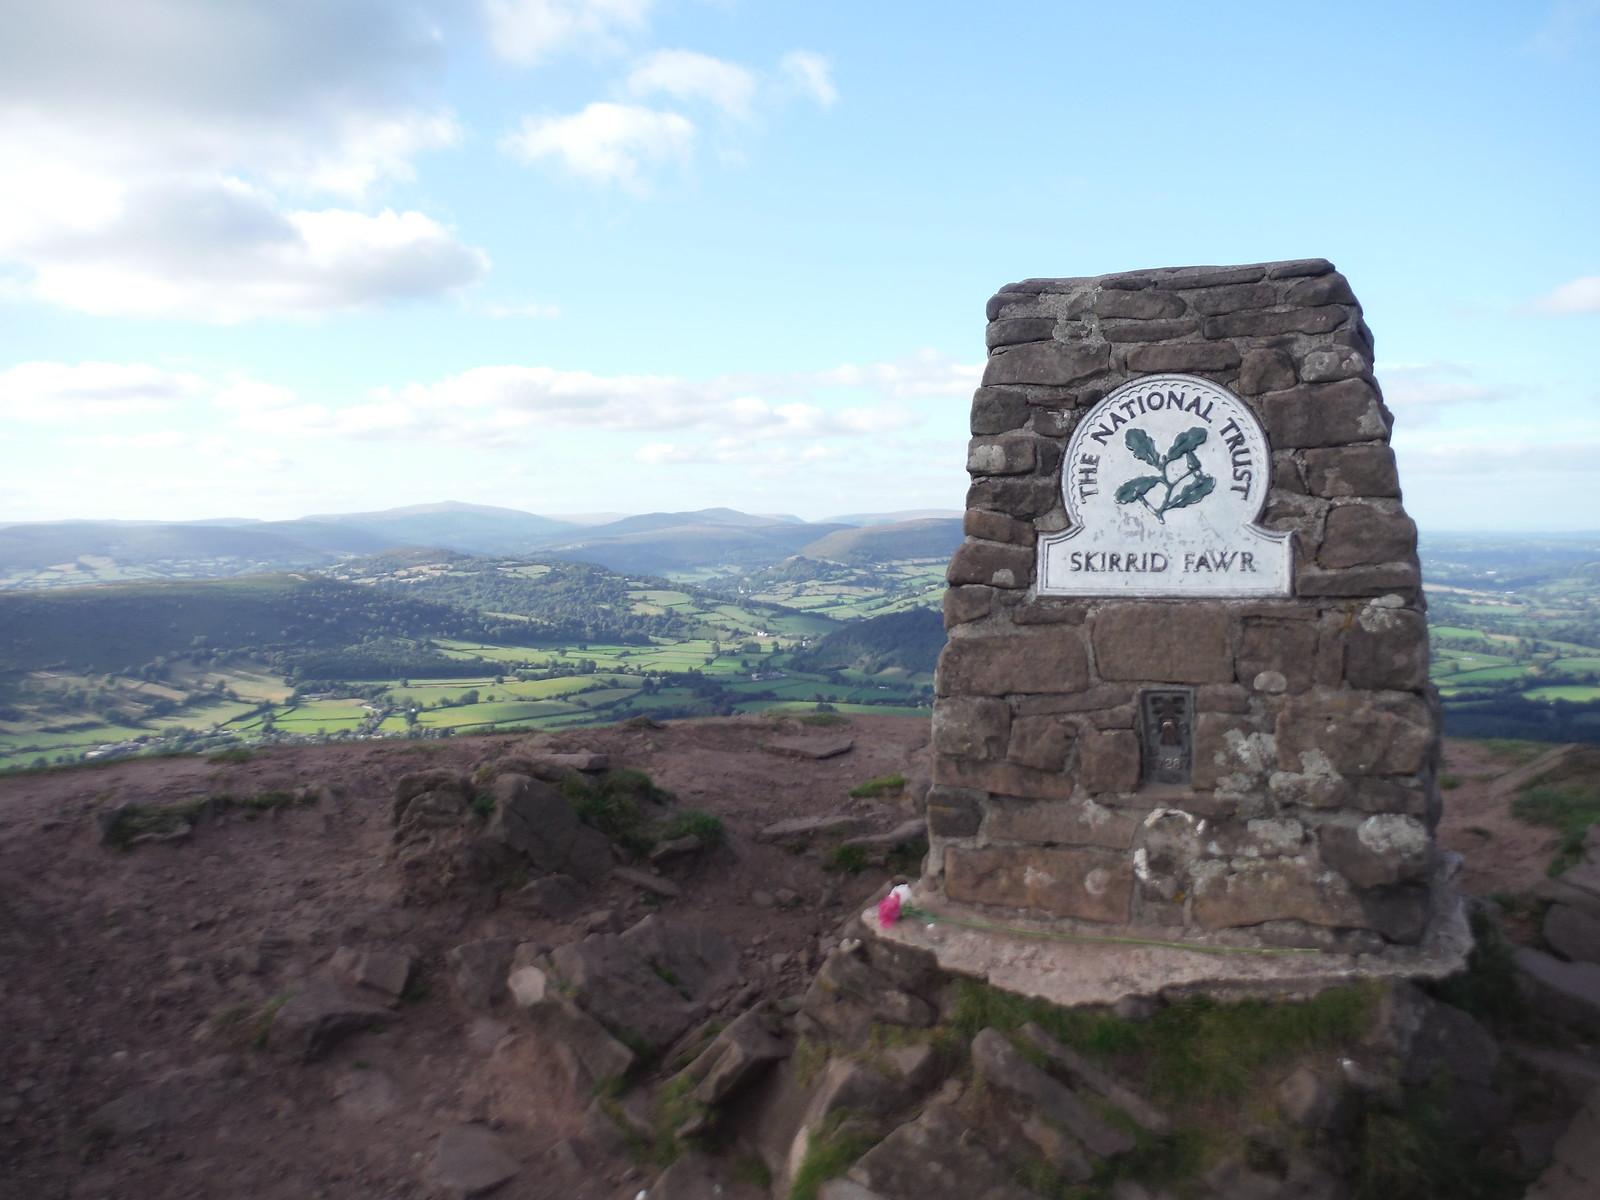 Trig Point with Views, The Skirrid/Ysgyryd Fawr SWC Walk 347 - Llanvihangel Crucorney Circular (via Bryn Arw and The Skirrid)